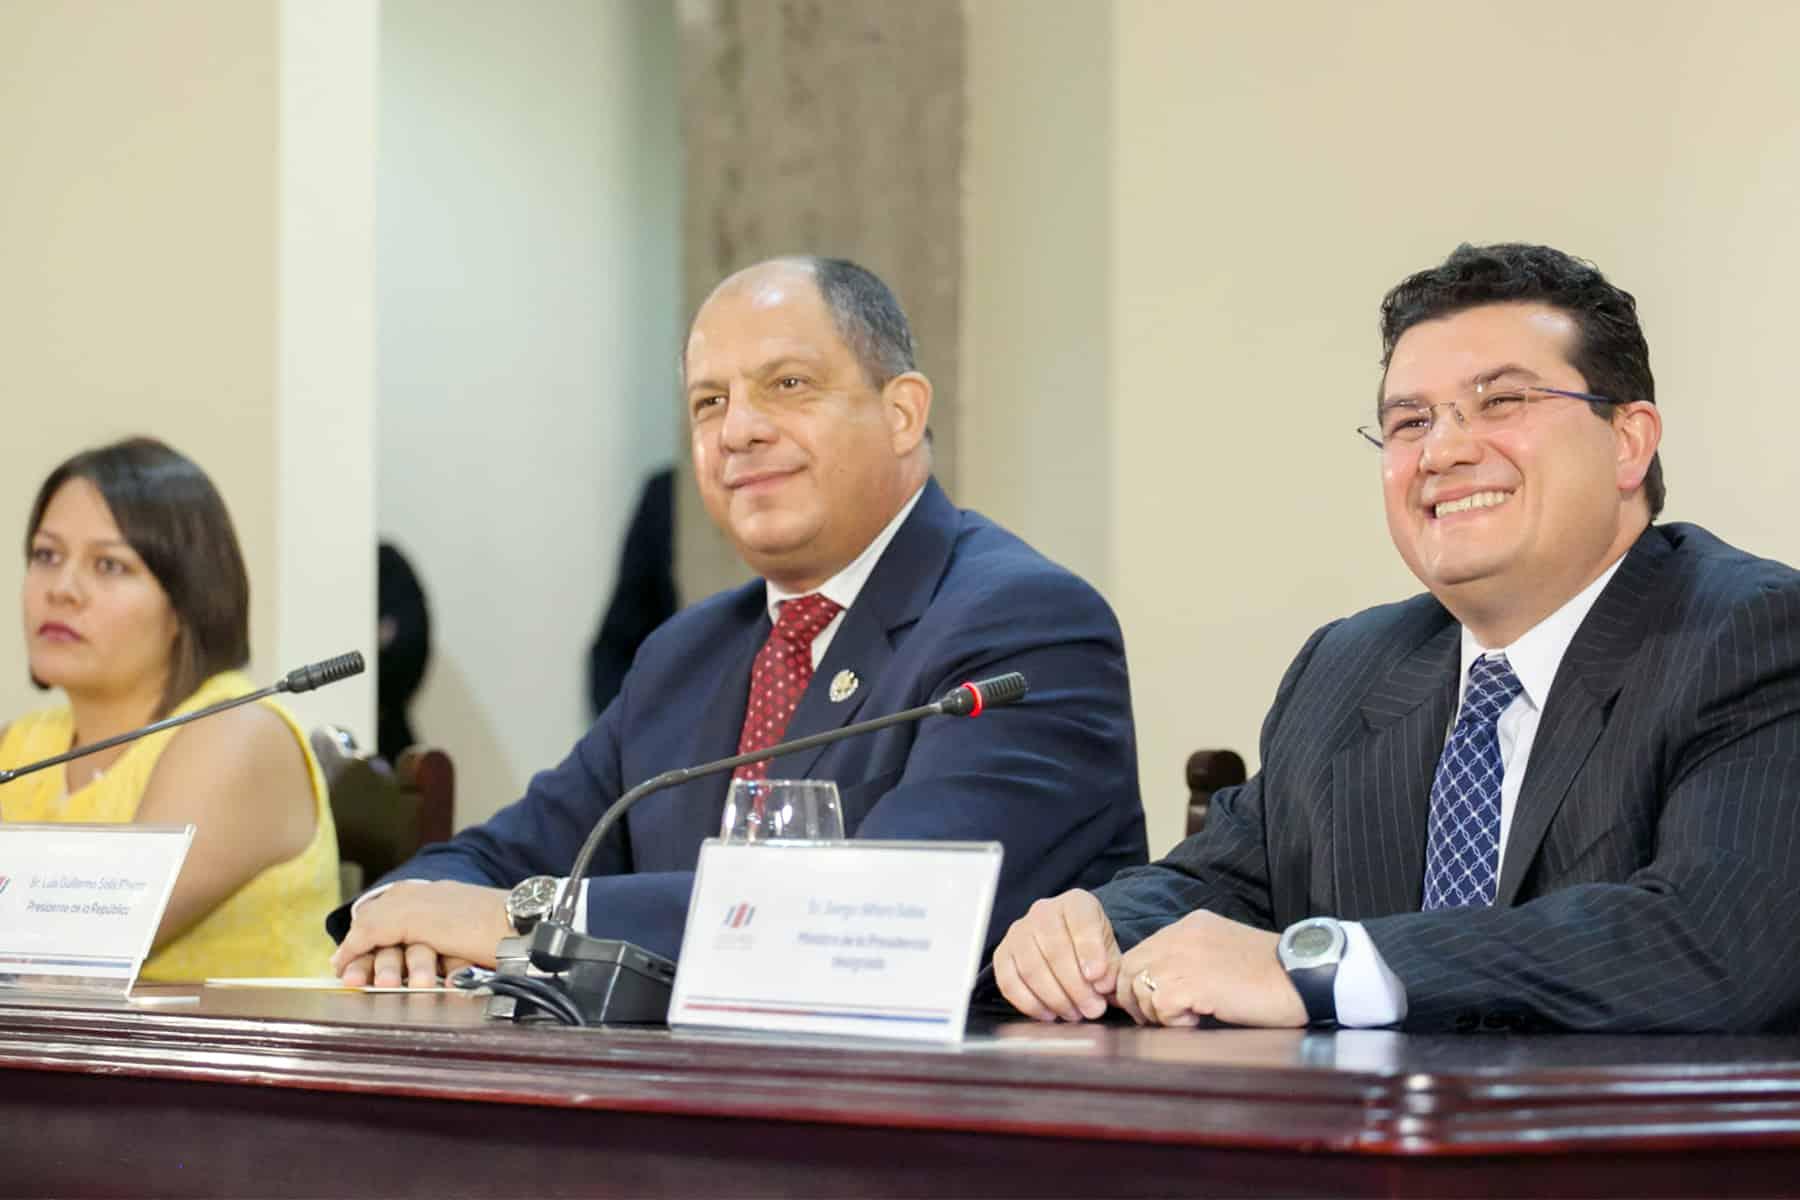 Ana Gabriel Zúñiga Aponte, Luis Guillermo Solís, Sergio Alfaro